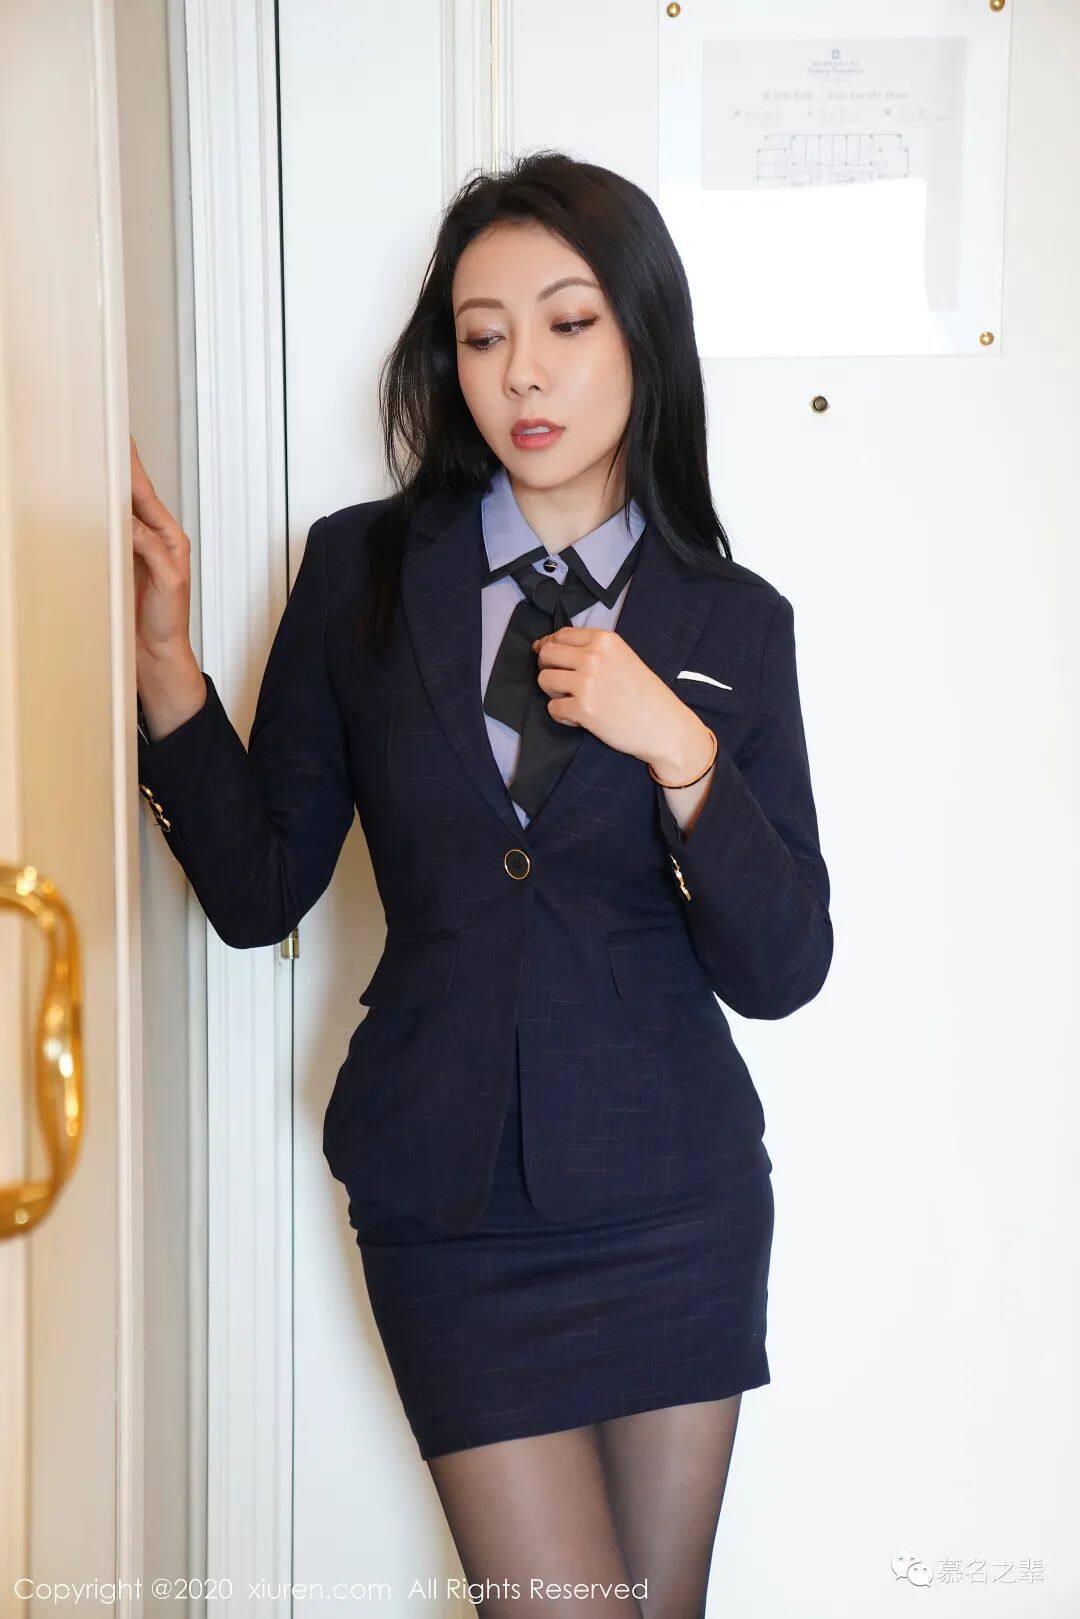 私房模特写真——松果儿Victoria(F罩杯)33